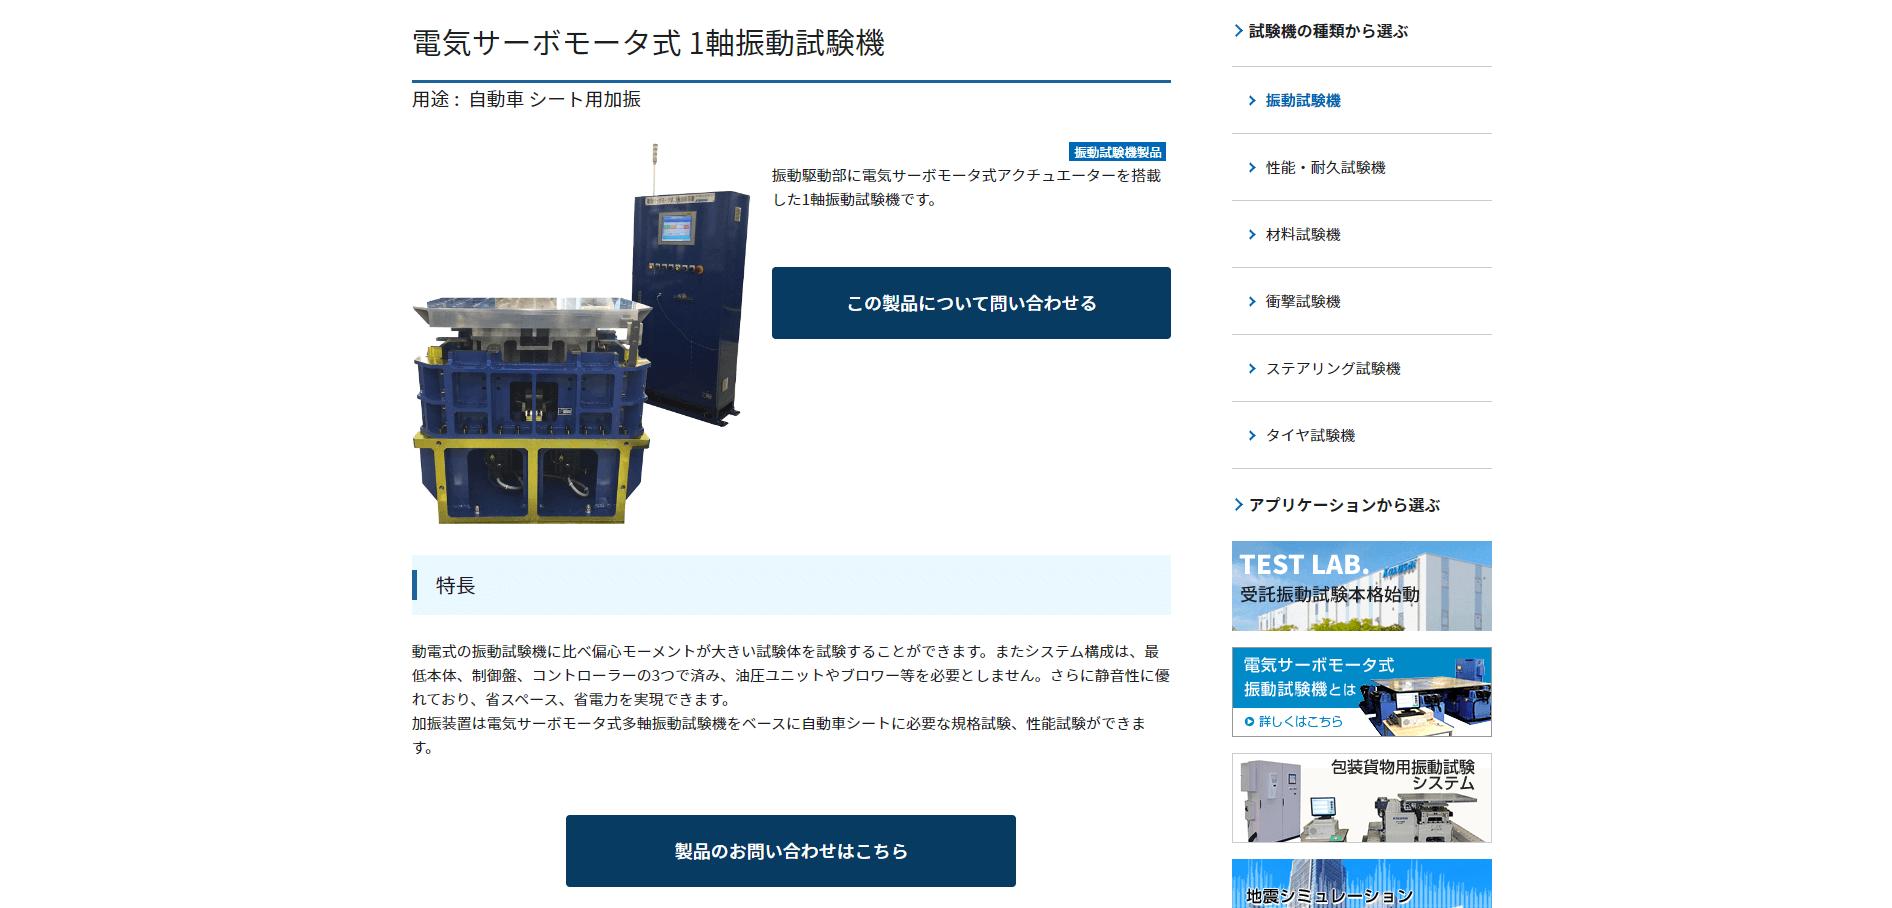 電気サーボモータ式 1軸振動試験機